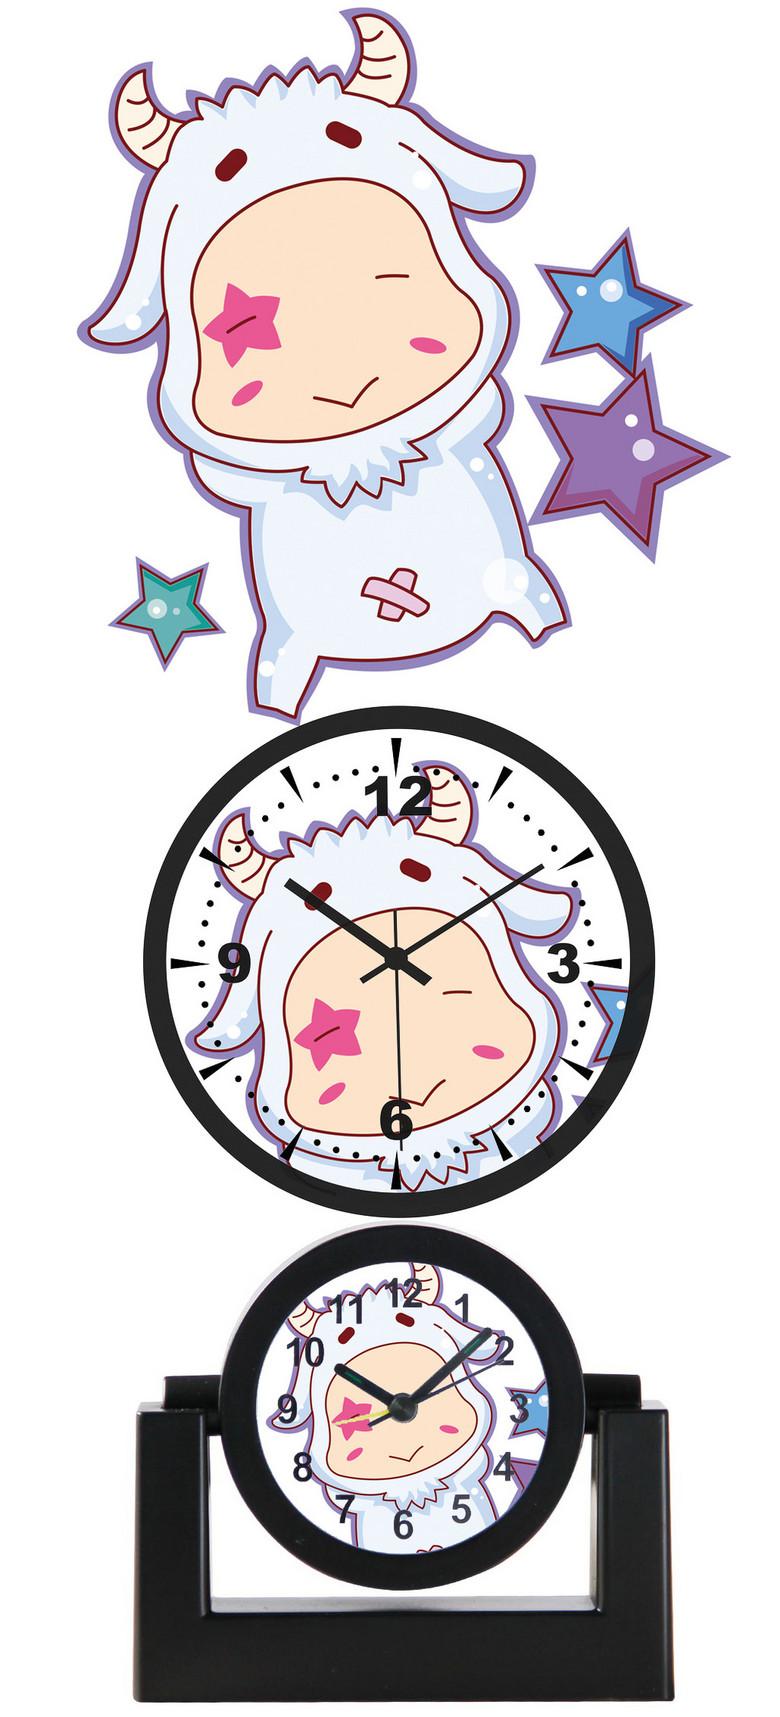 卡通白羊座可爱十二星座儿童钟面图片